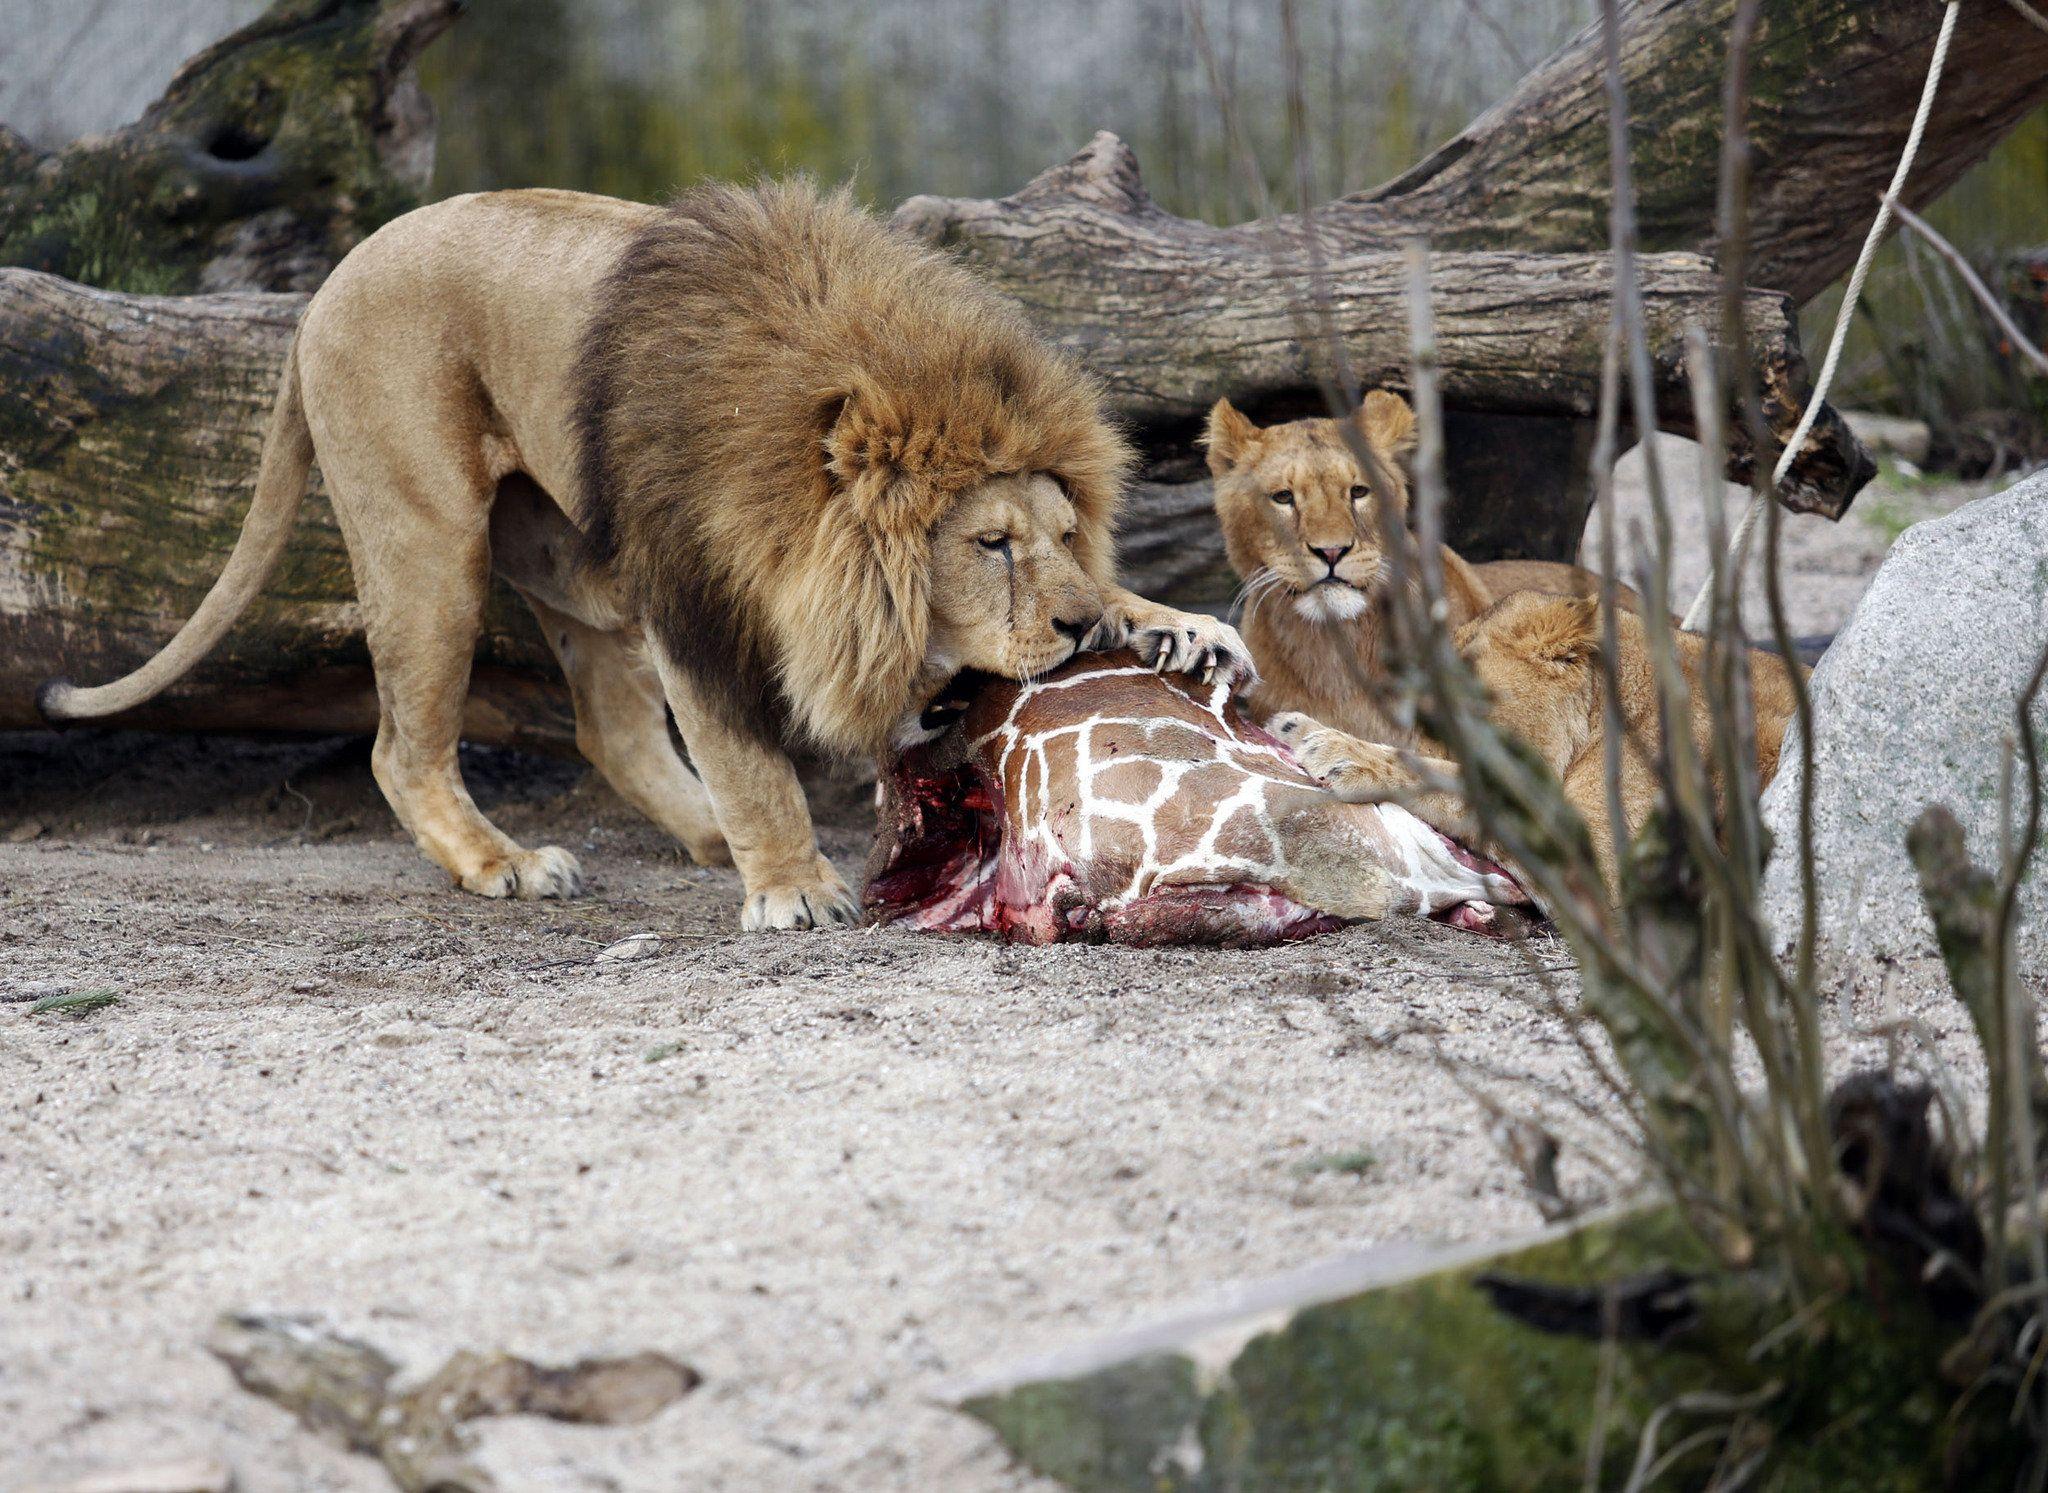 El zoo que había sacrificado a una jirafa ahora mató a cuatro leones